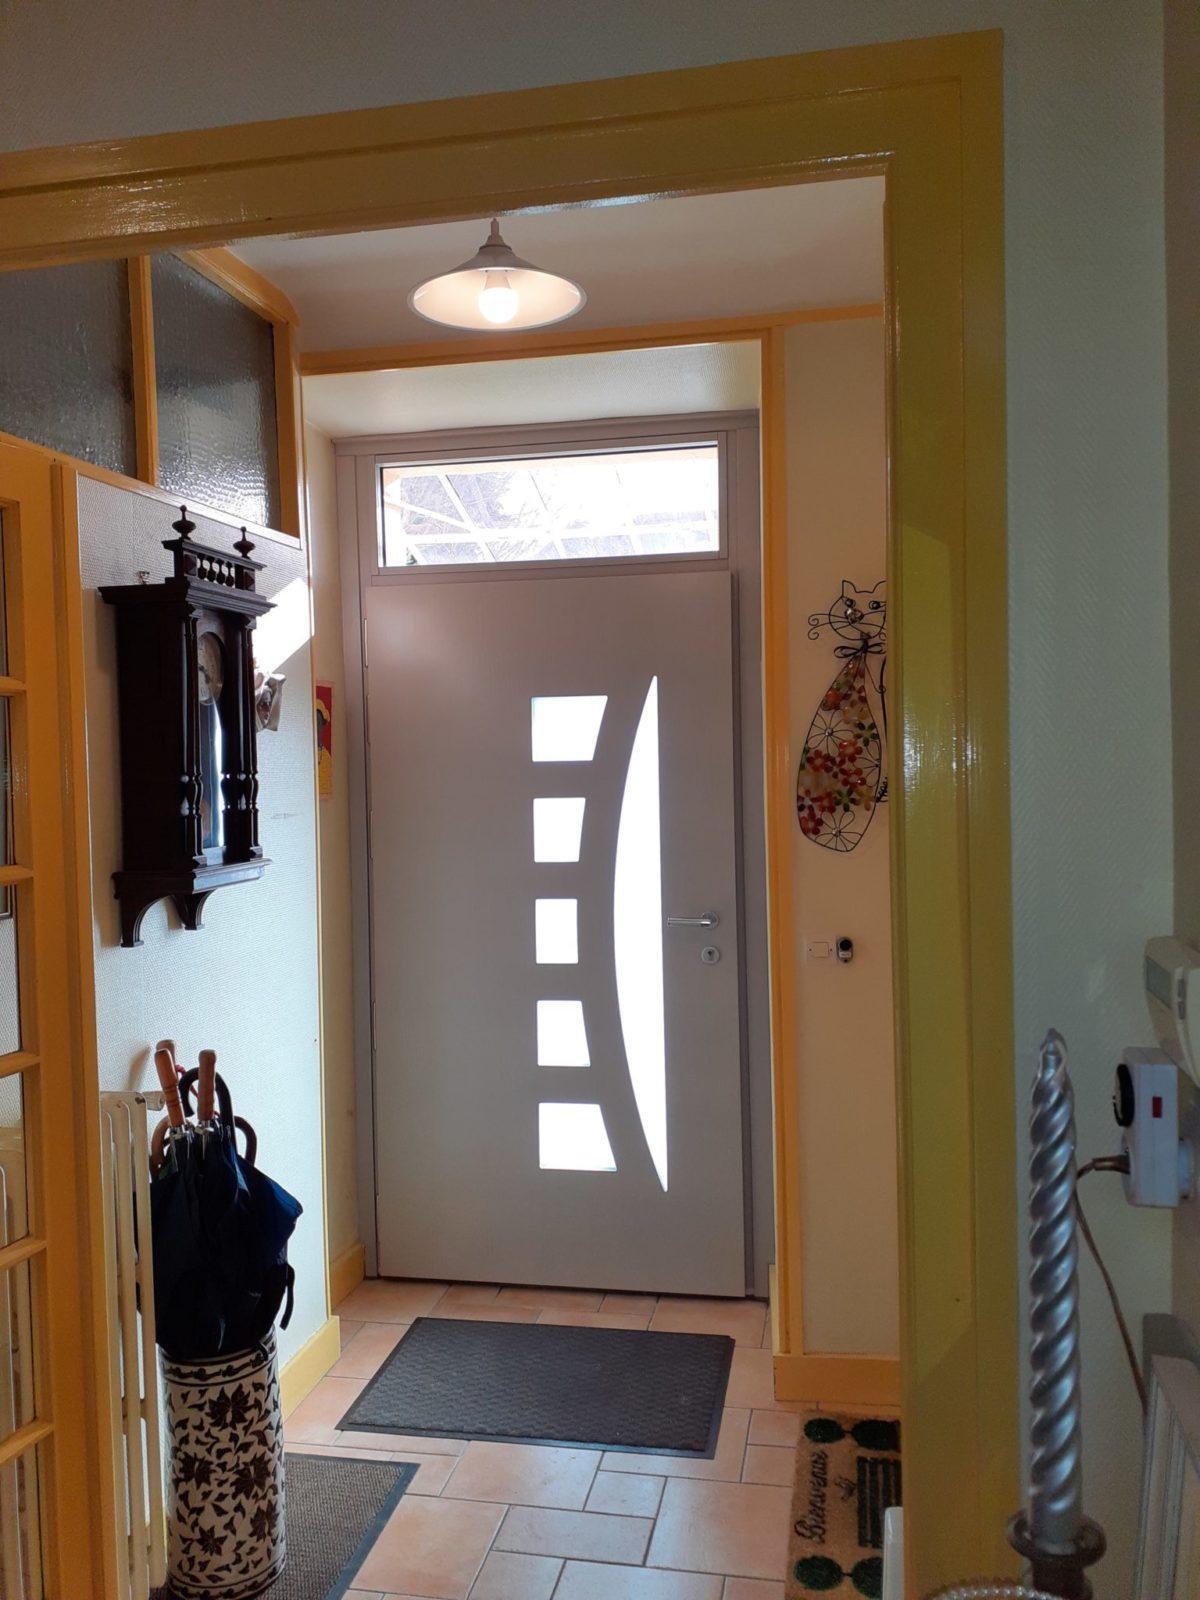 Rénovation porte d'entrée - Orly Weisz